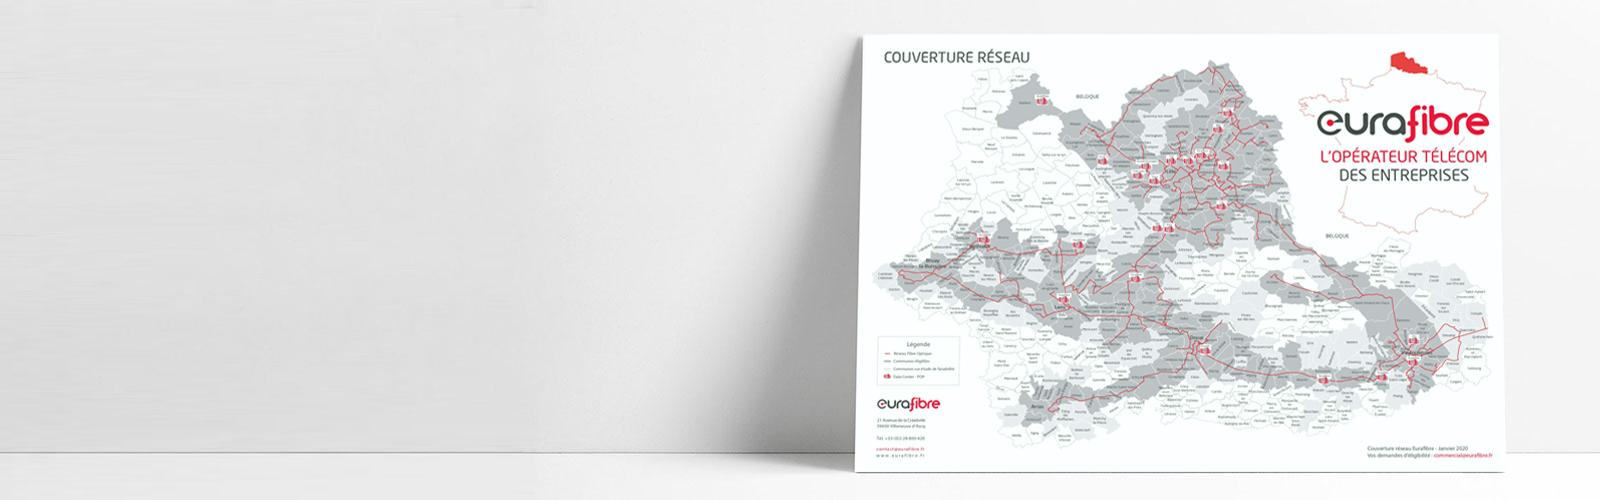 Slider réseau fibre optique Eurafibre nord France janvier 2020